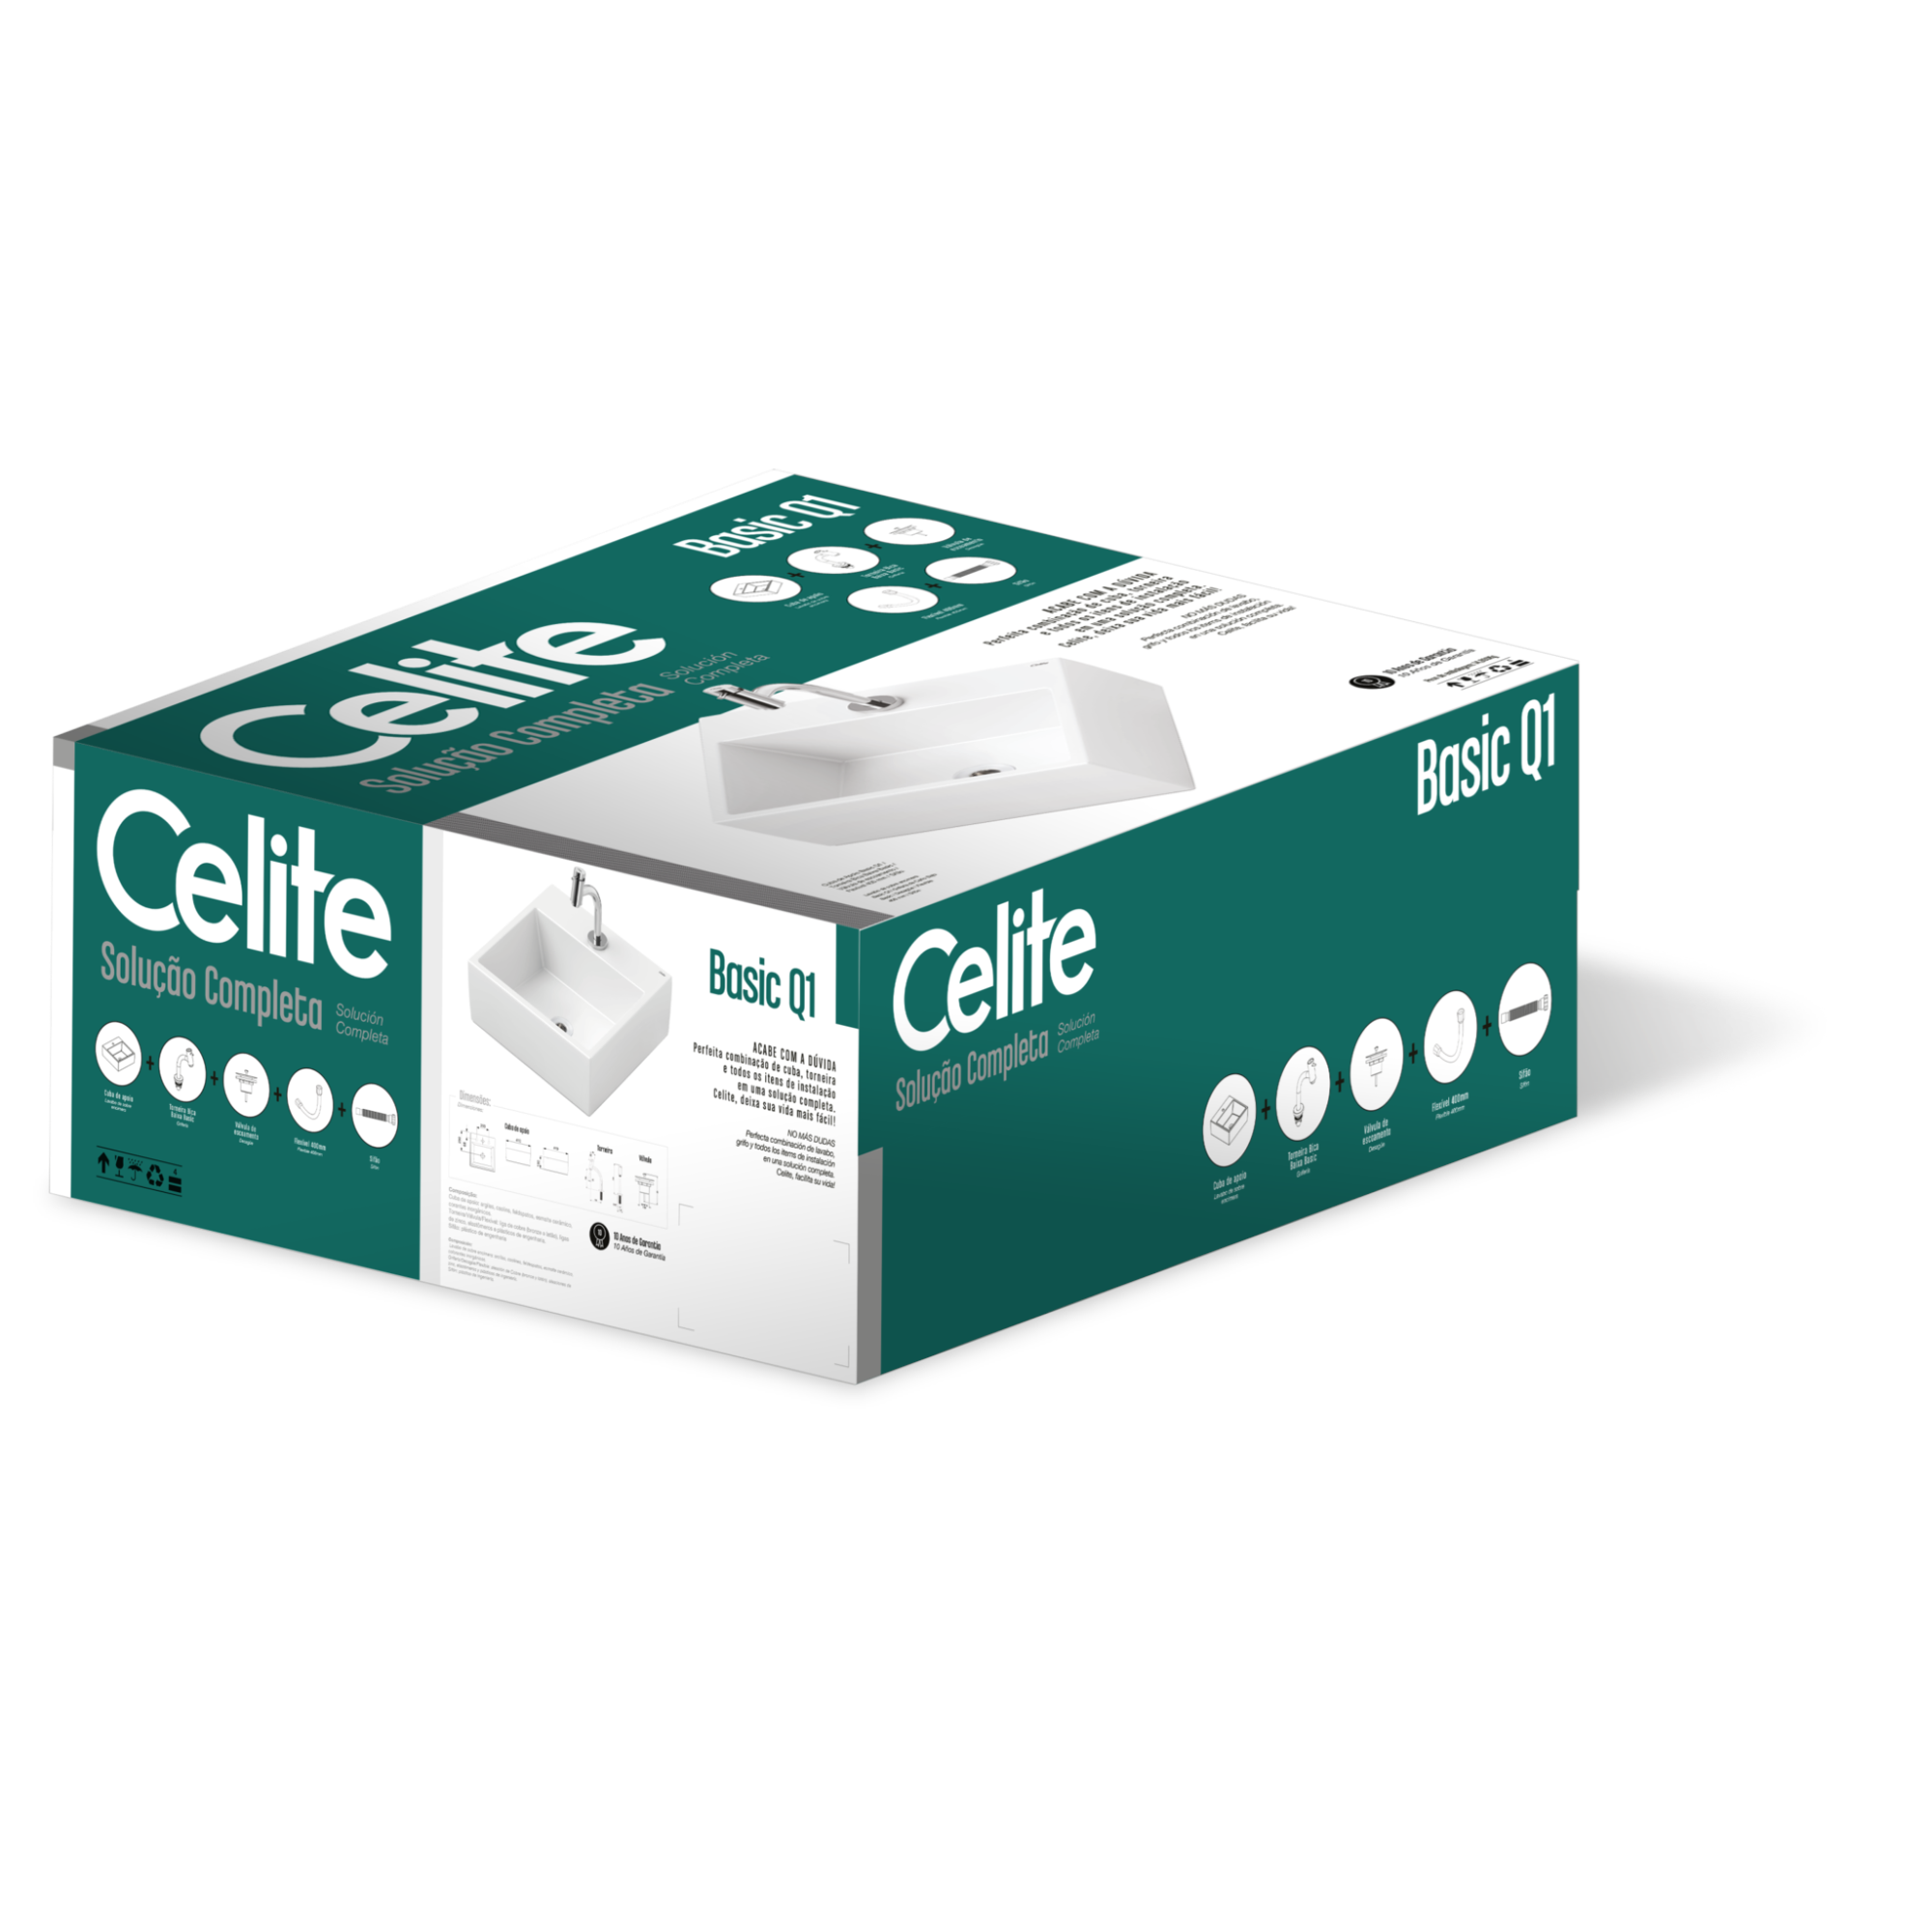 Kit Cuba e Toneira 41x41 cm Basic Q1 Branca - Celite